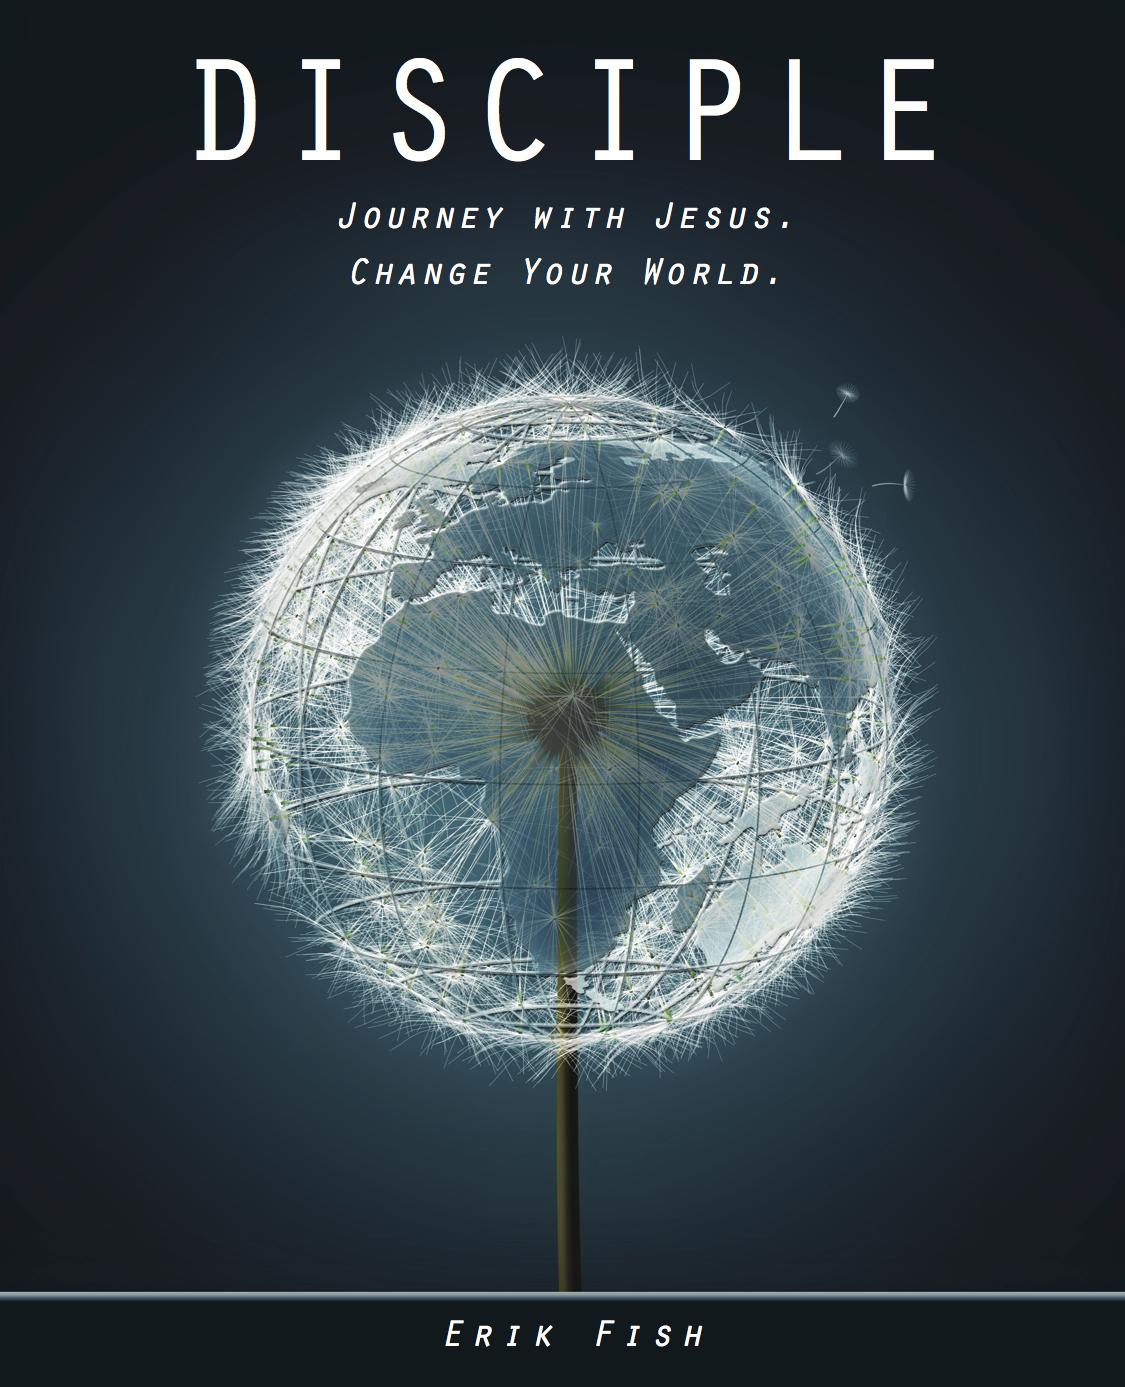 Disciple book (2 copies)